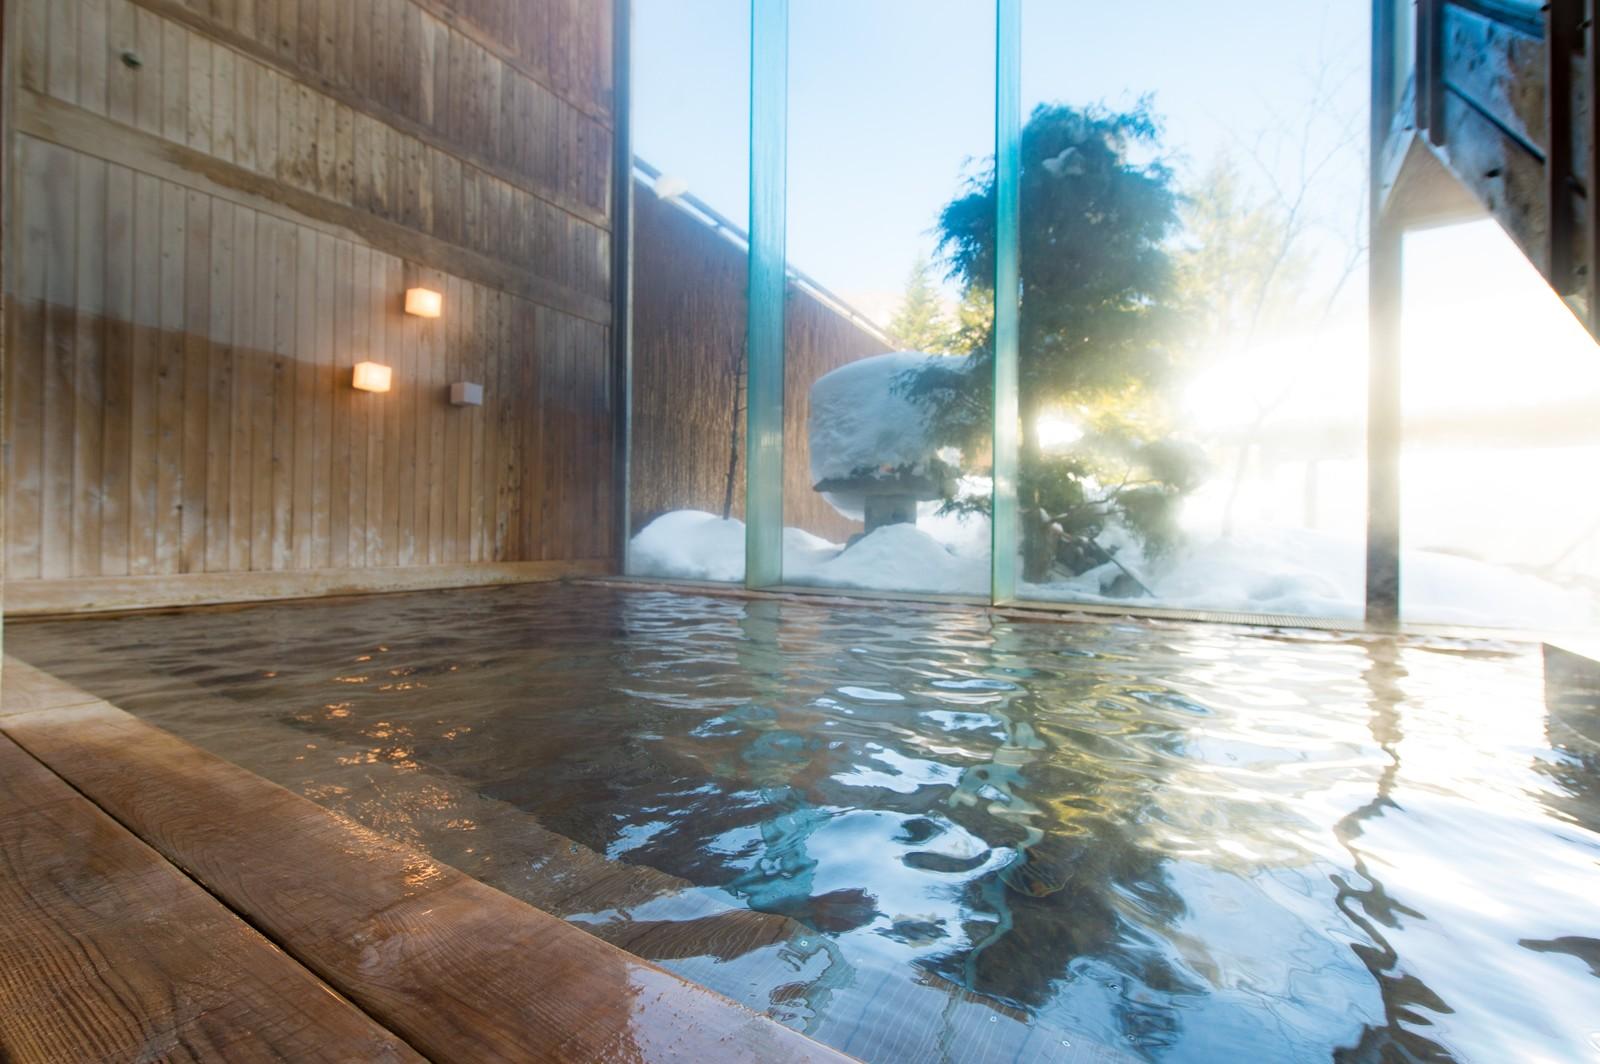 駒ヶ根の温泉おすすめホテル&日帰りスポット10選!美肌の湯を堪能しよう